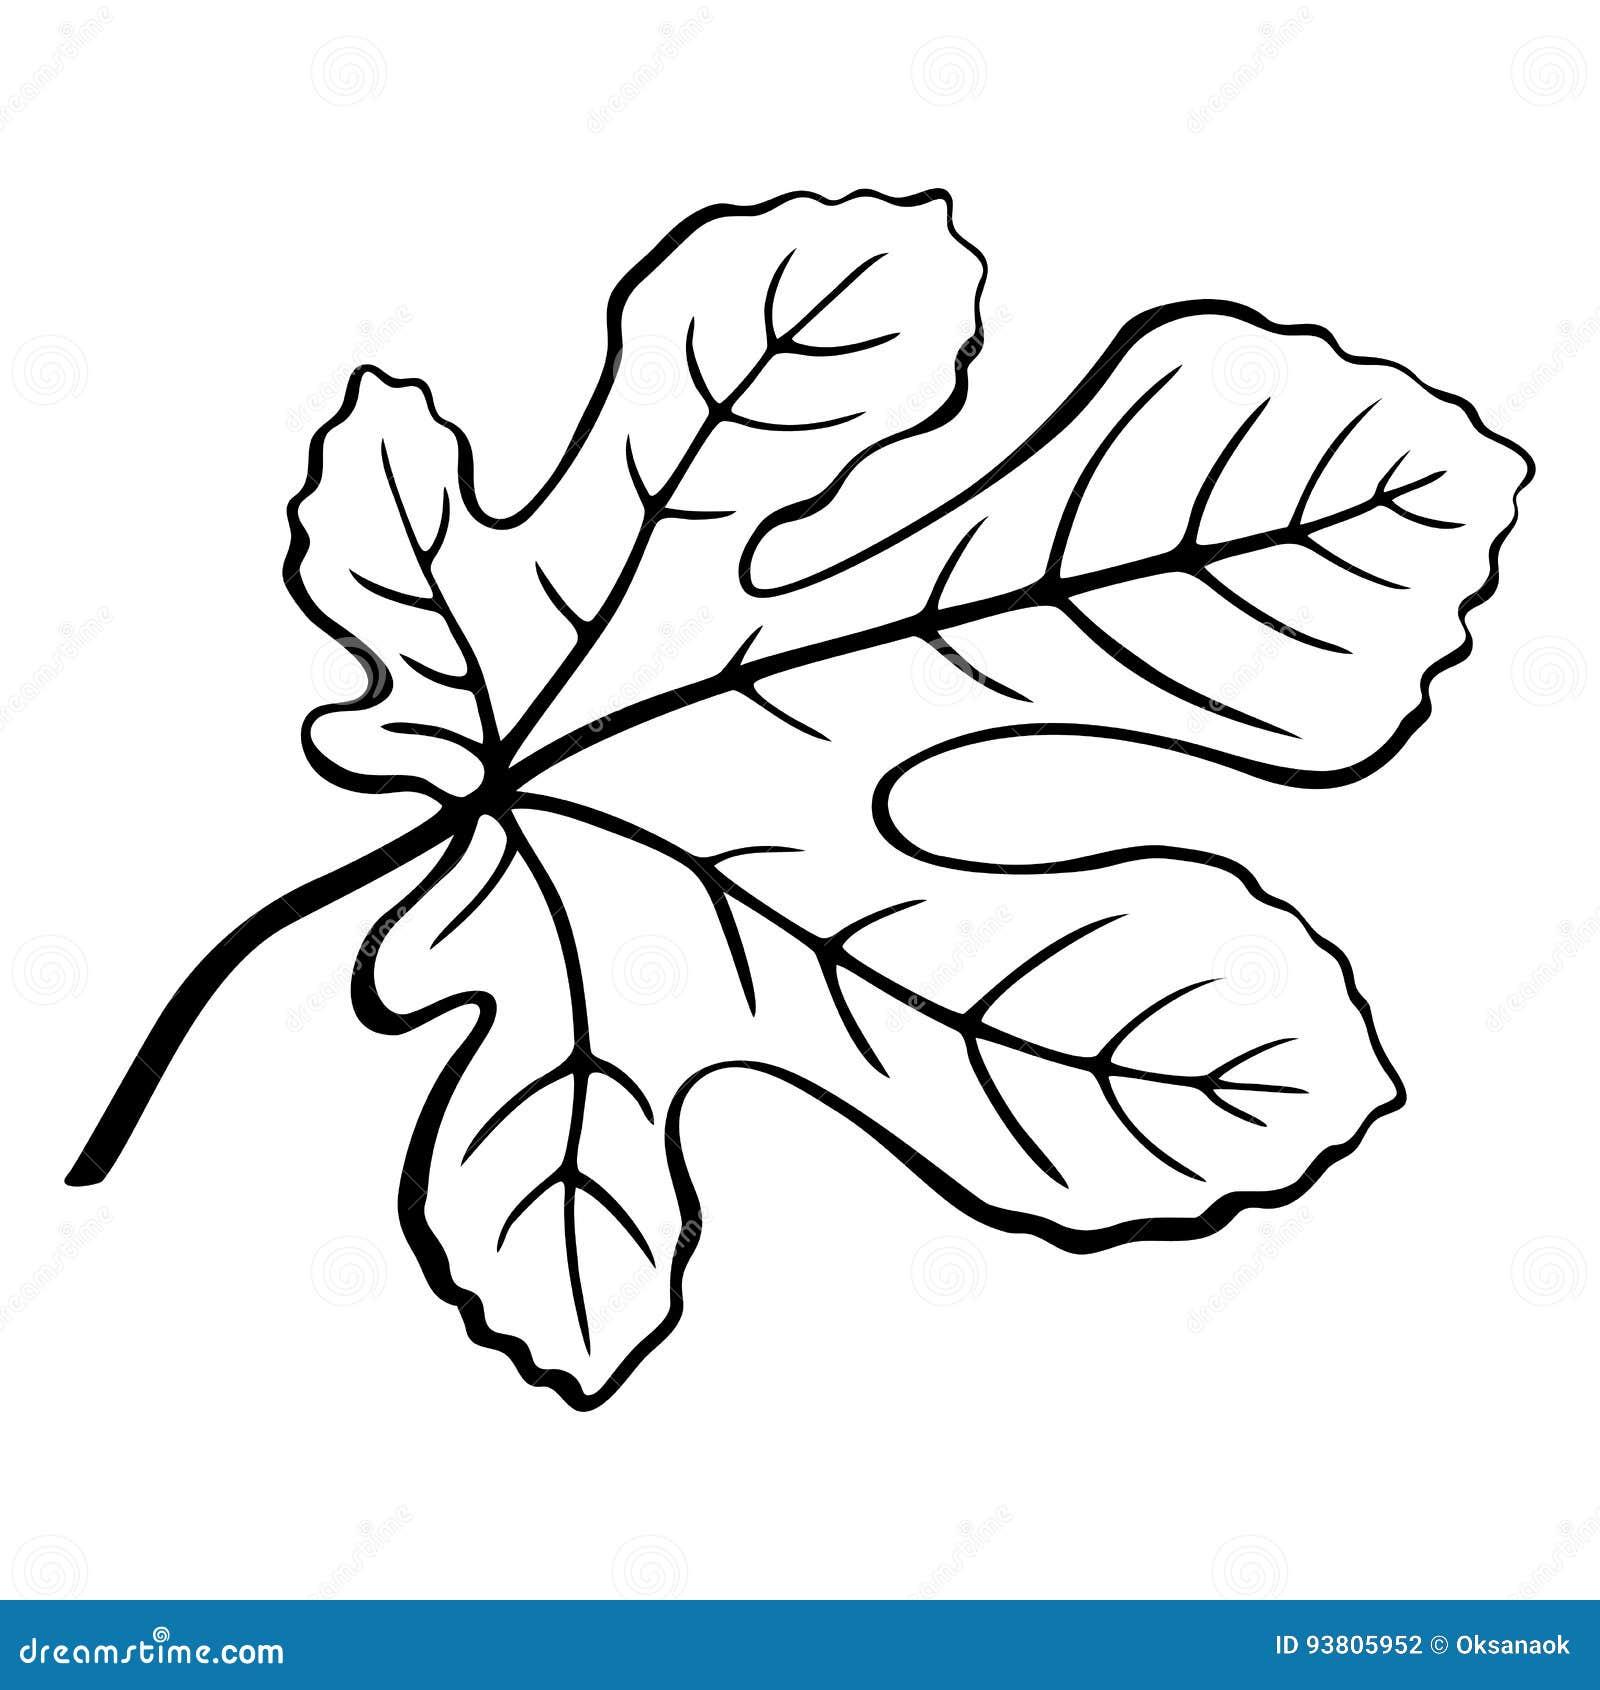 Pictogramme de noir de feuille de figue illustration de - Dessin figuier ...